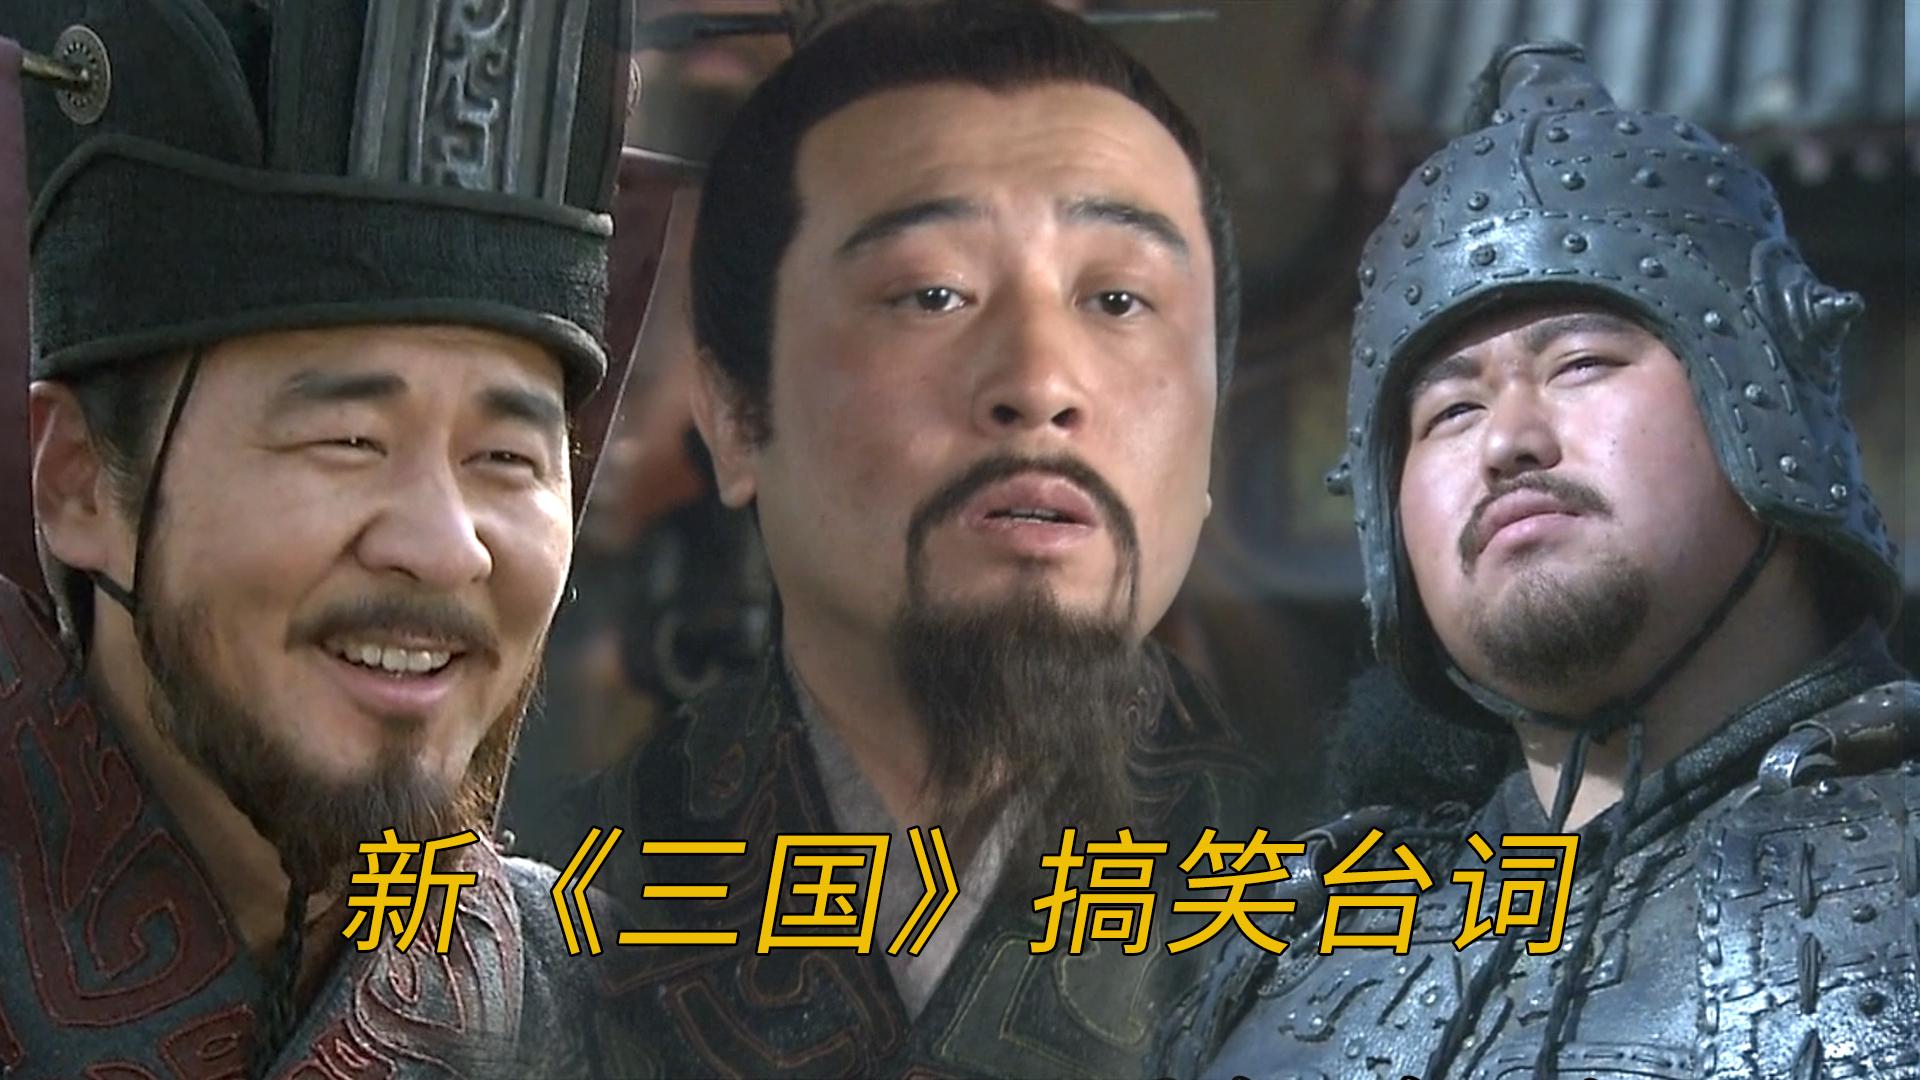 新《三国》笑到肚疼的搞笑沙雕台词,观众智商受到暴击!